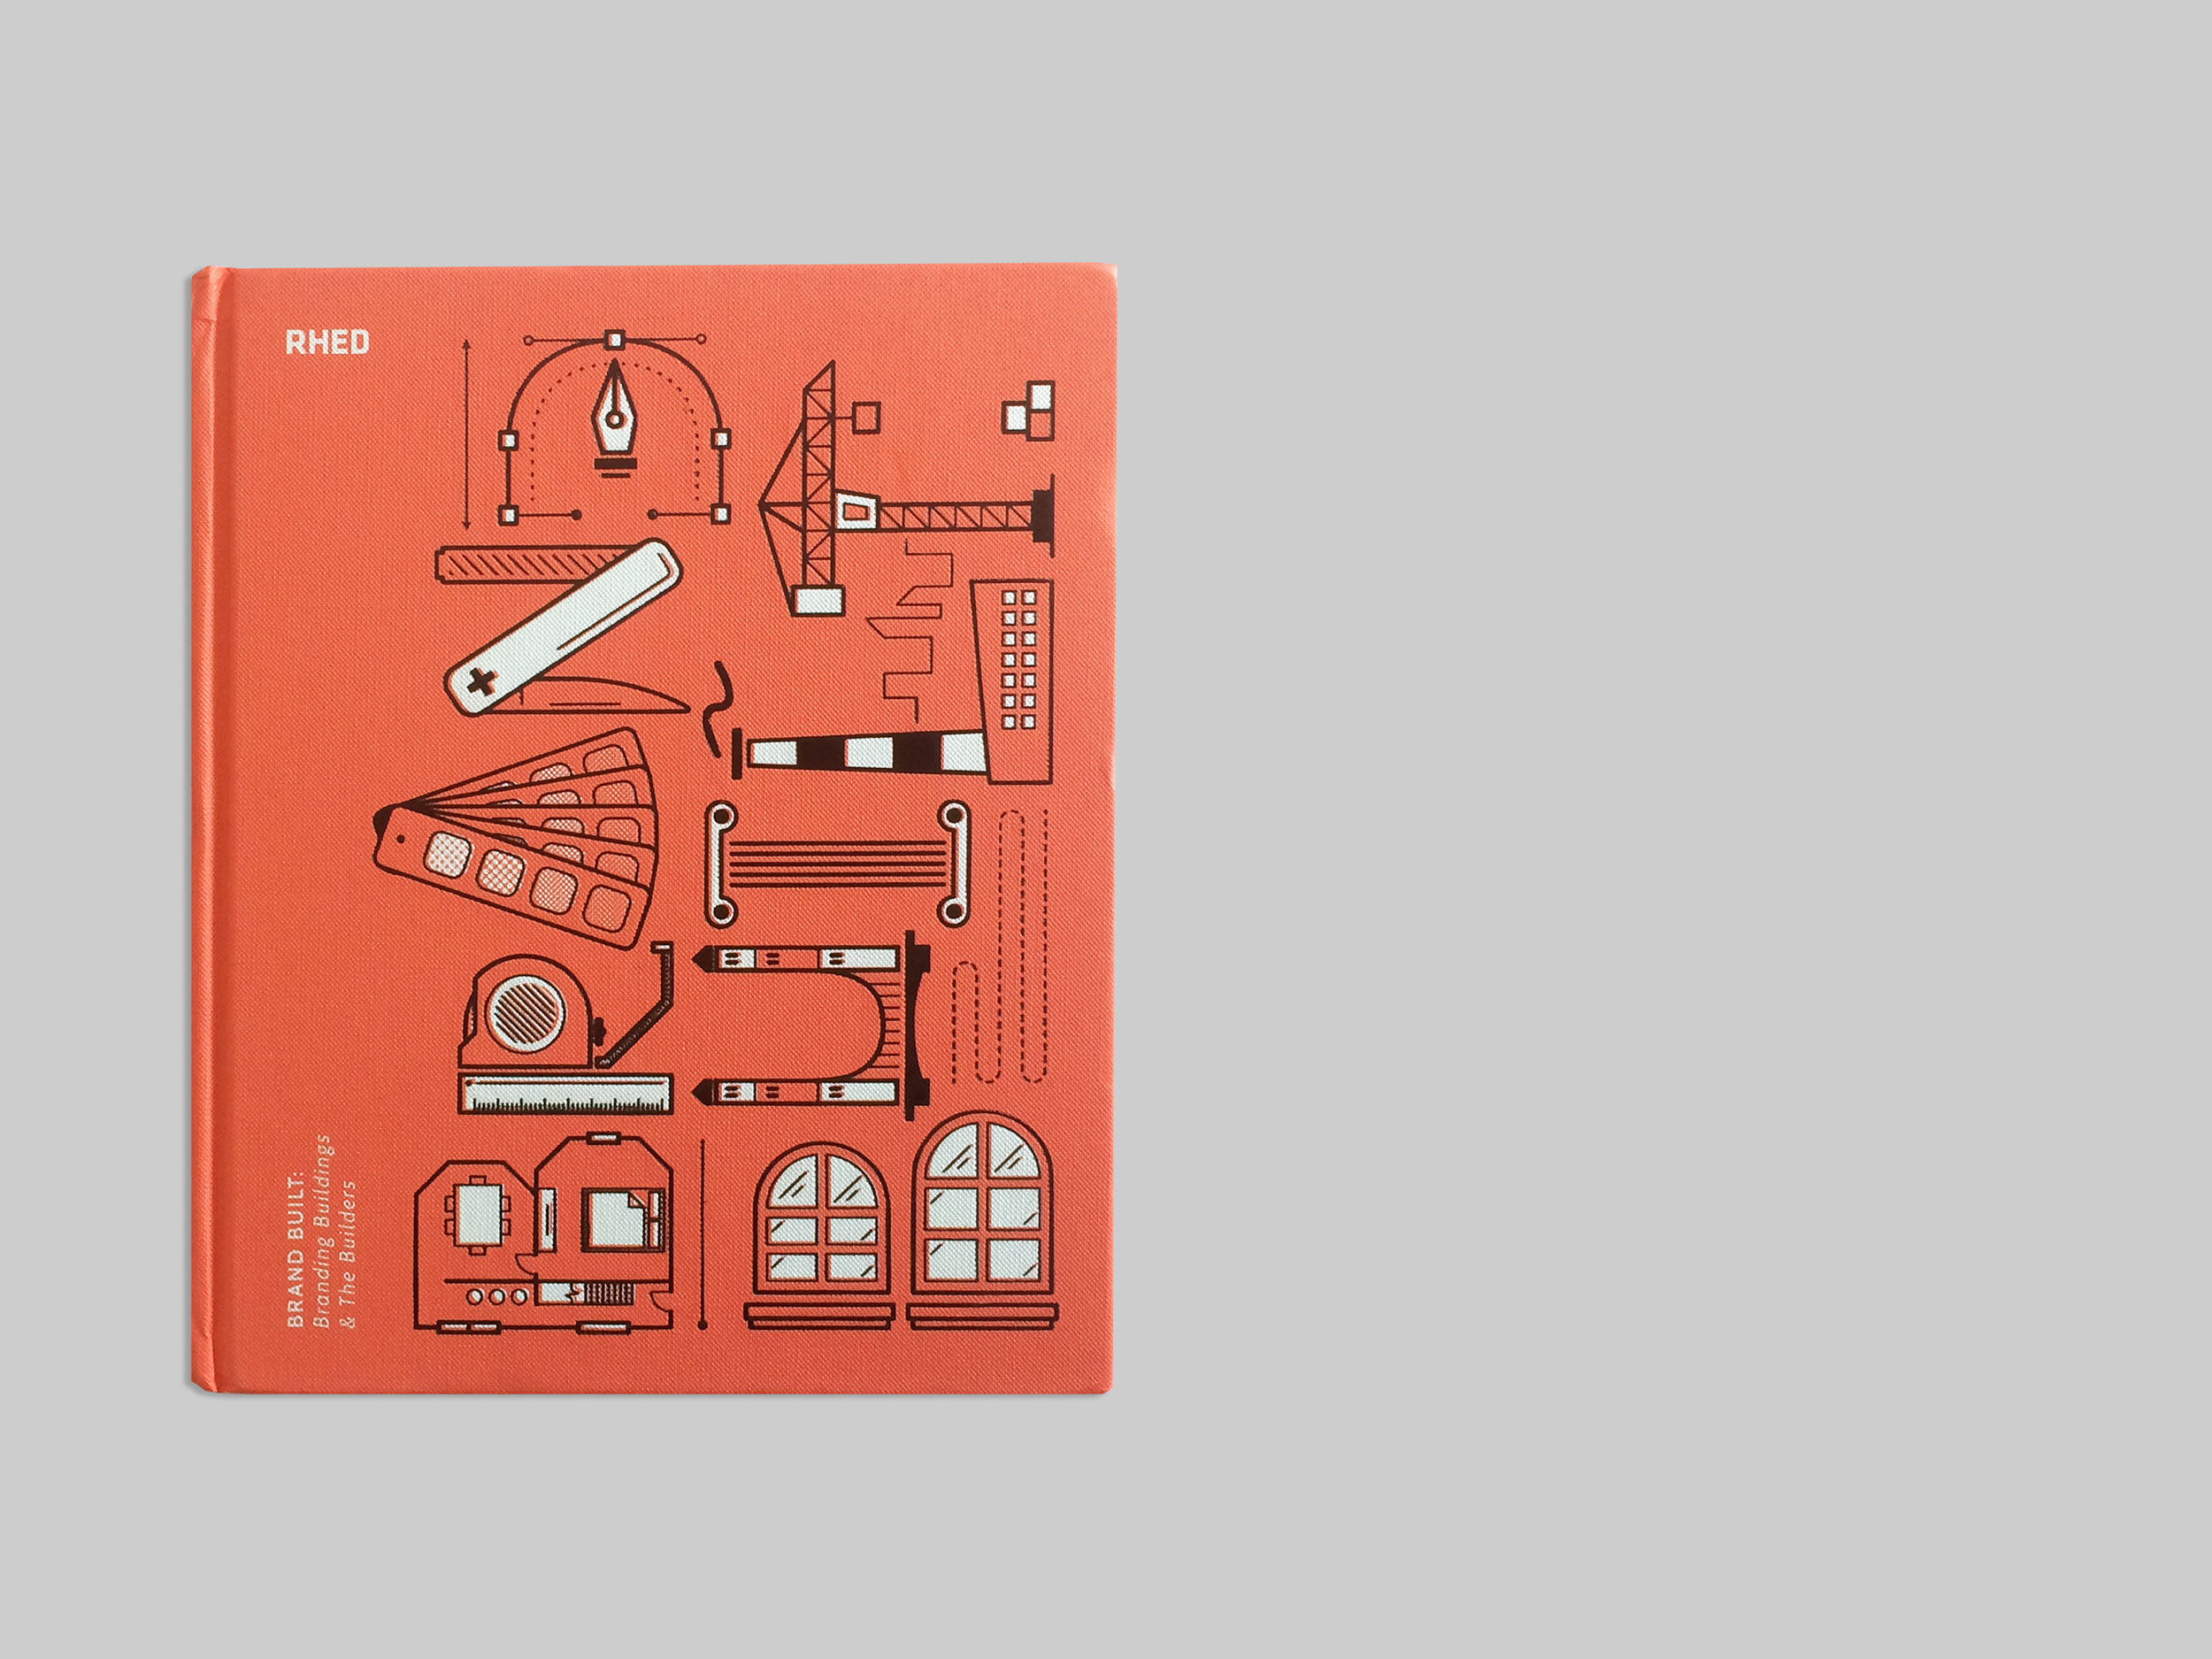 makebardo_Brand_Built_01.jpg